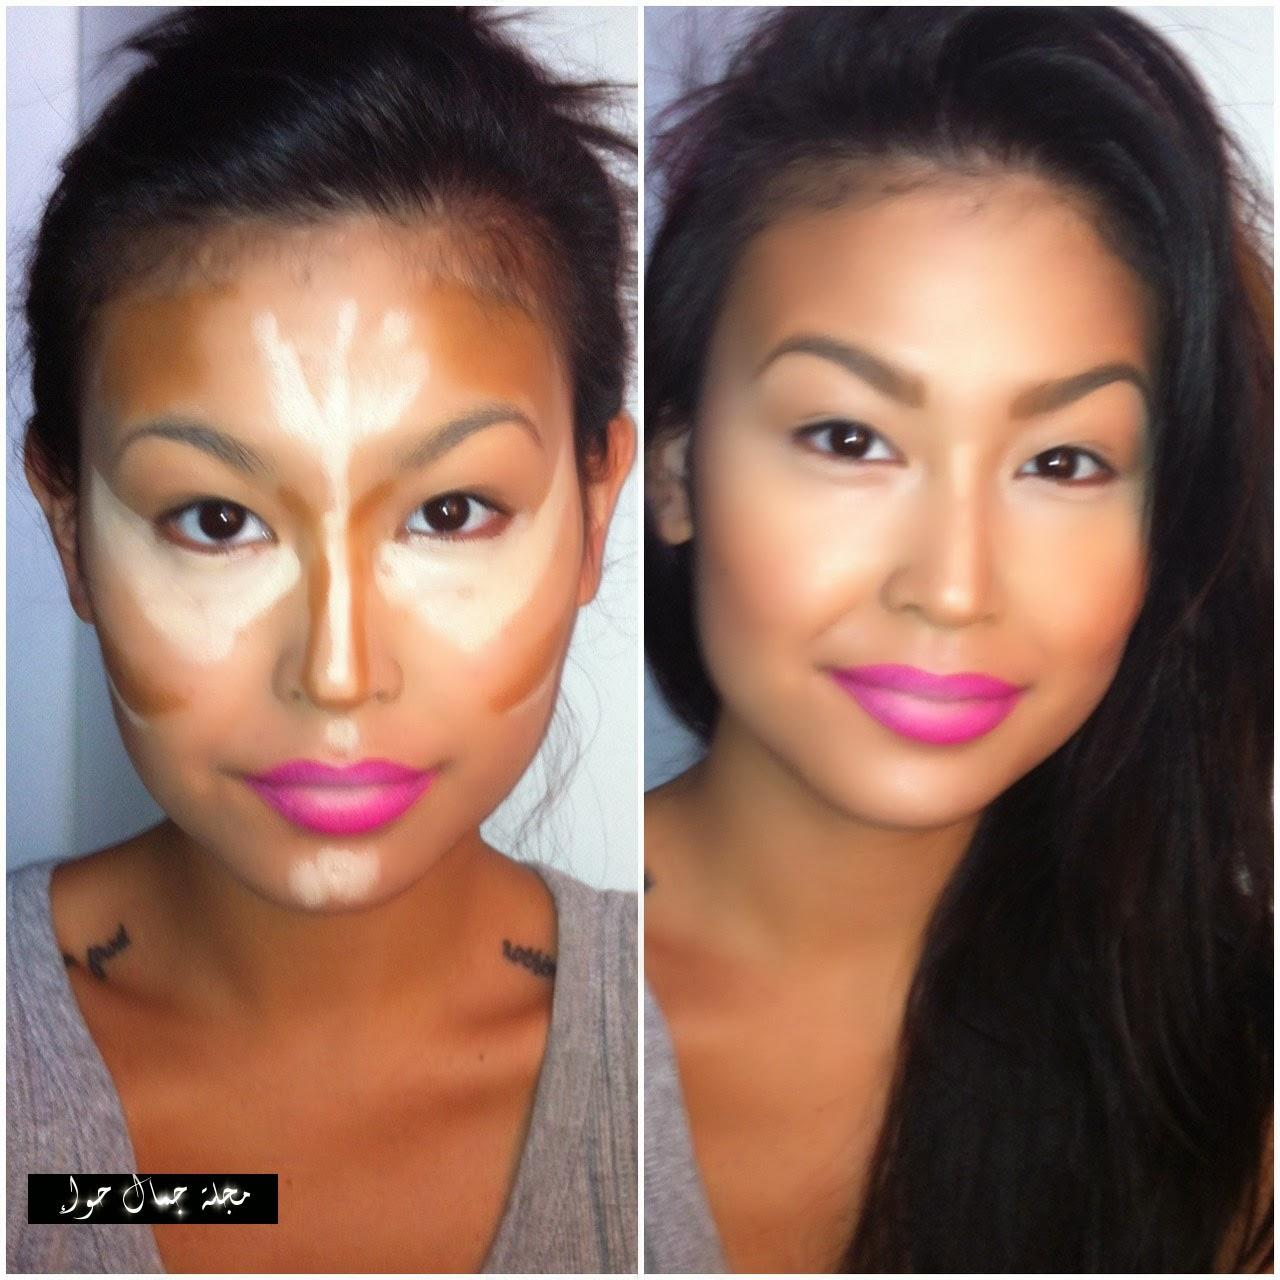 10 نصائح وحيل نحت وتحديد ملامح الوجه والمكياج